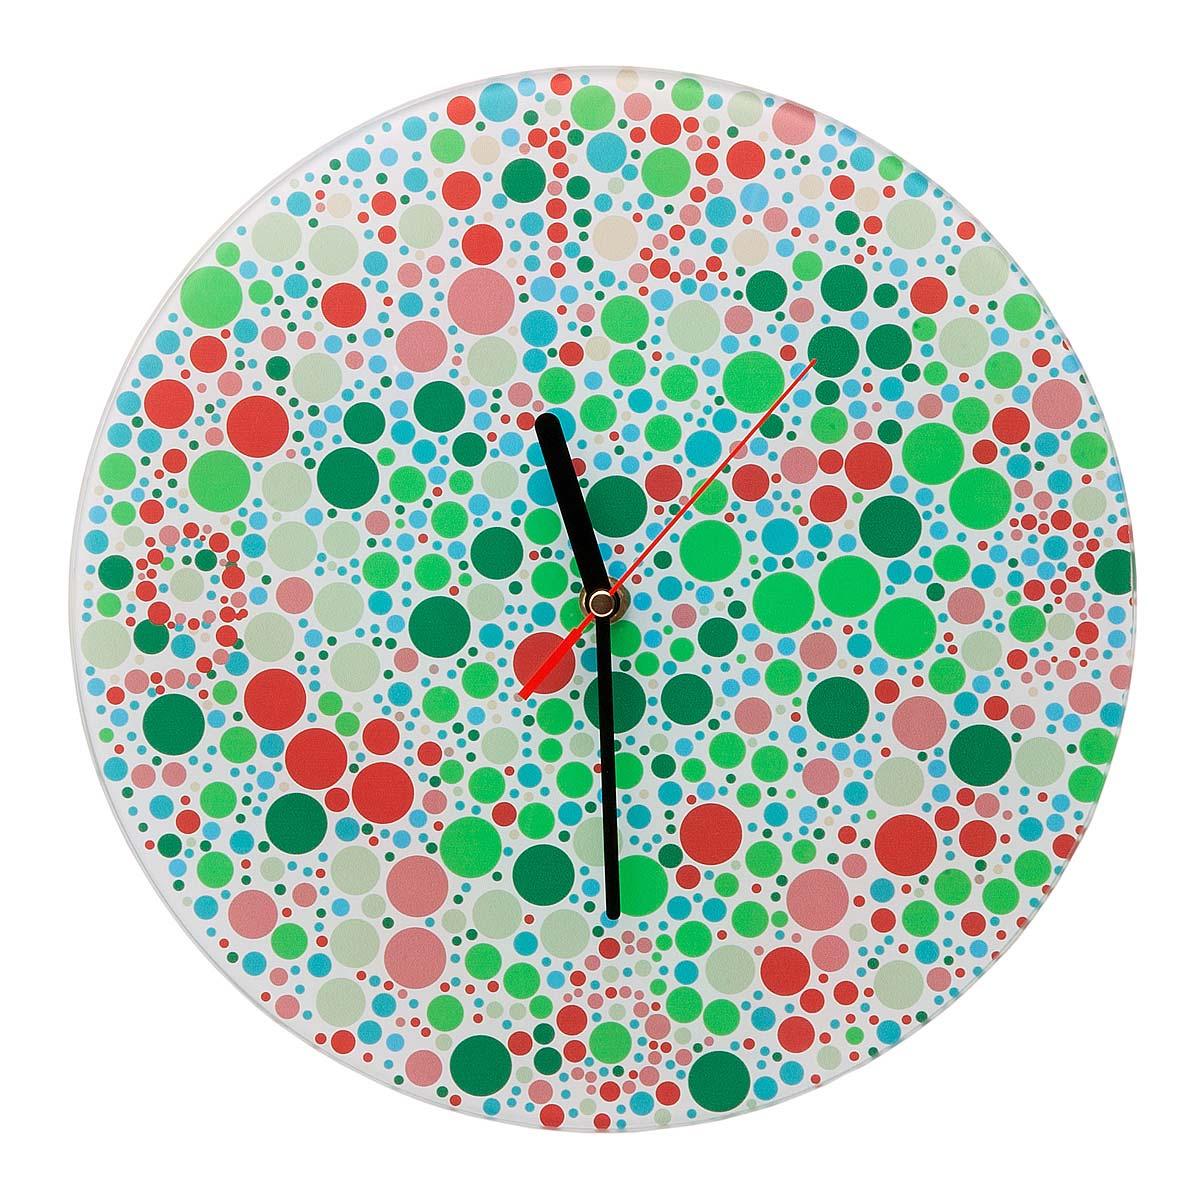 Online color blind test for adults -  Color Test Color Blind Clock Color Blind Clock Wall Art Home Decor